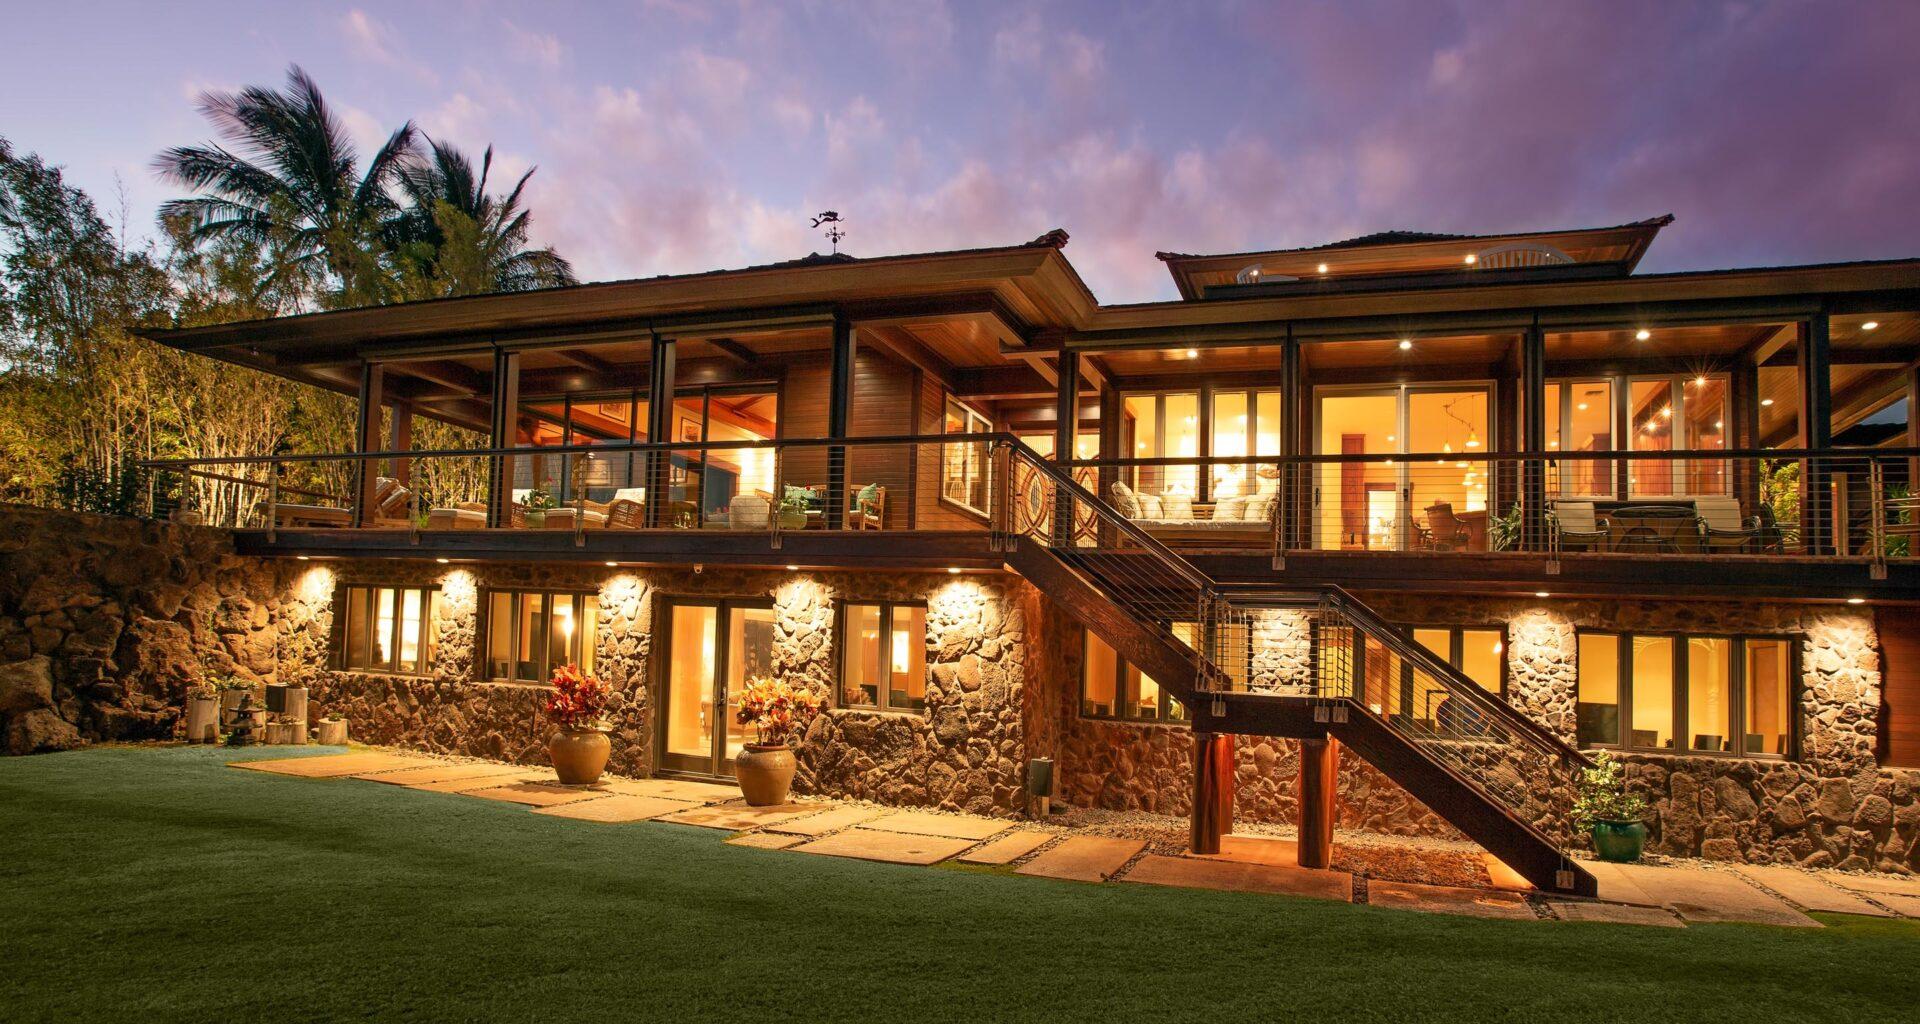 Hawaii Home Listings: Maui